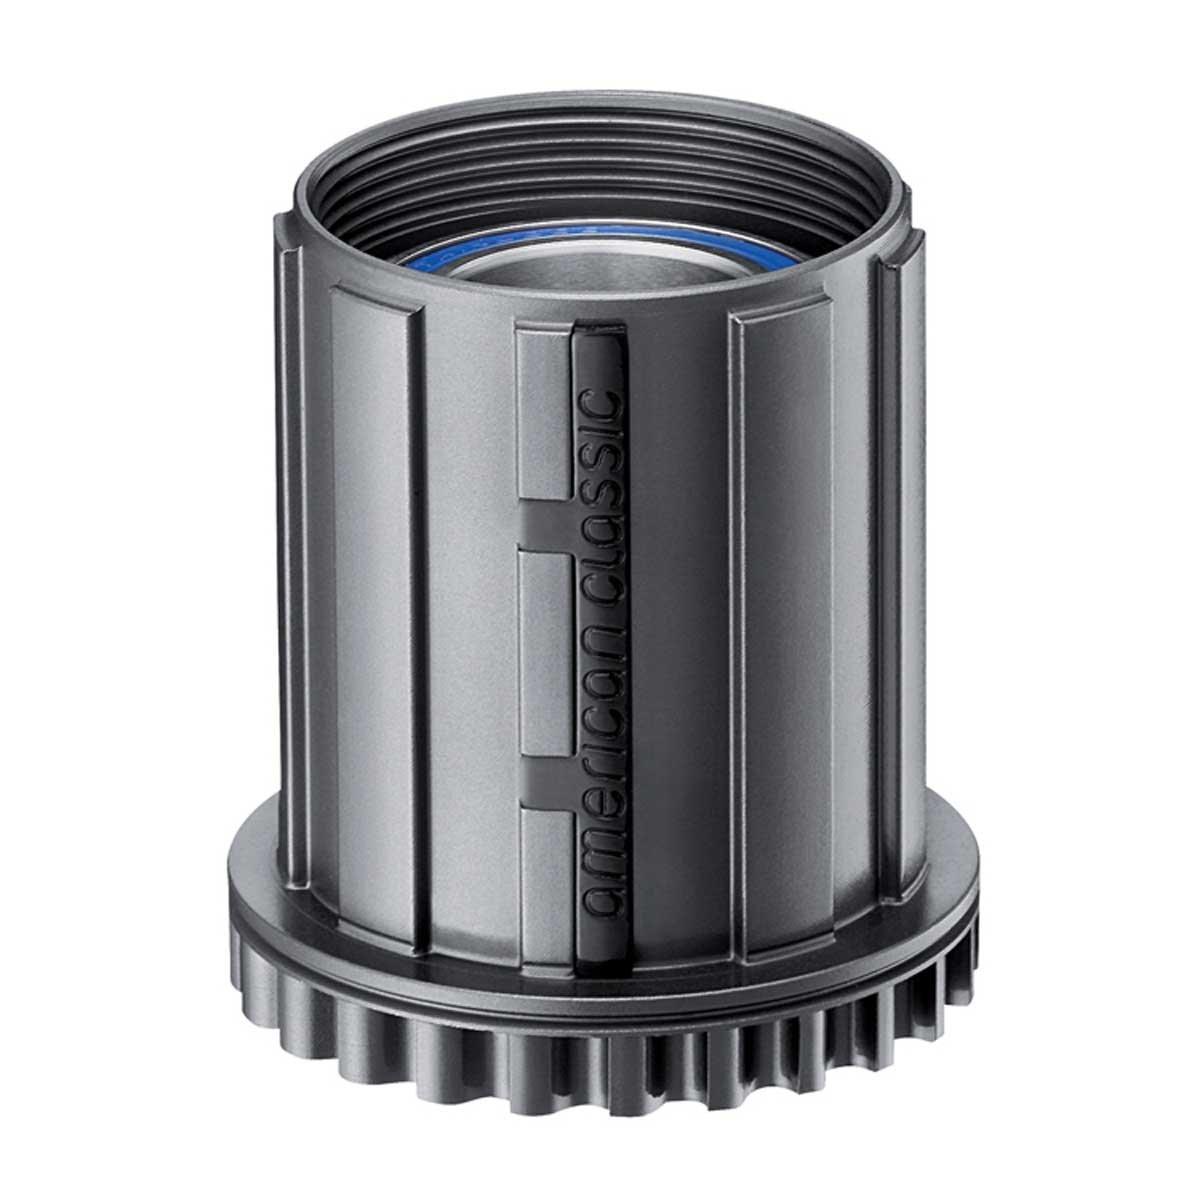 アメリカンクラシック AC 17mm RD205 11段 シマノ用 カセットボディ B00ASSRFFM